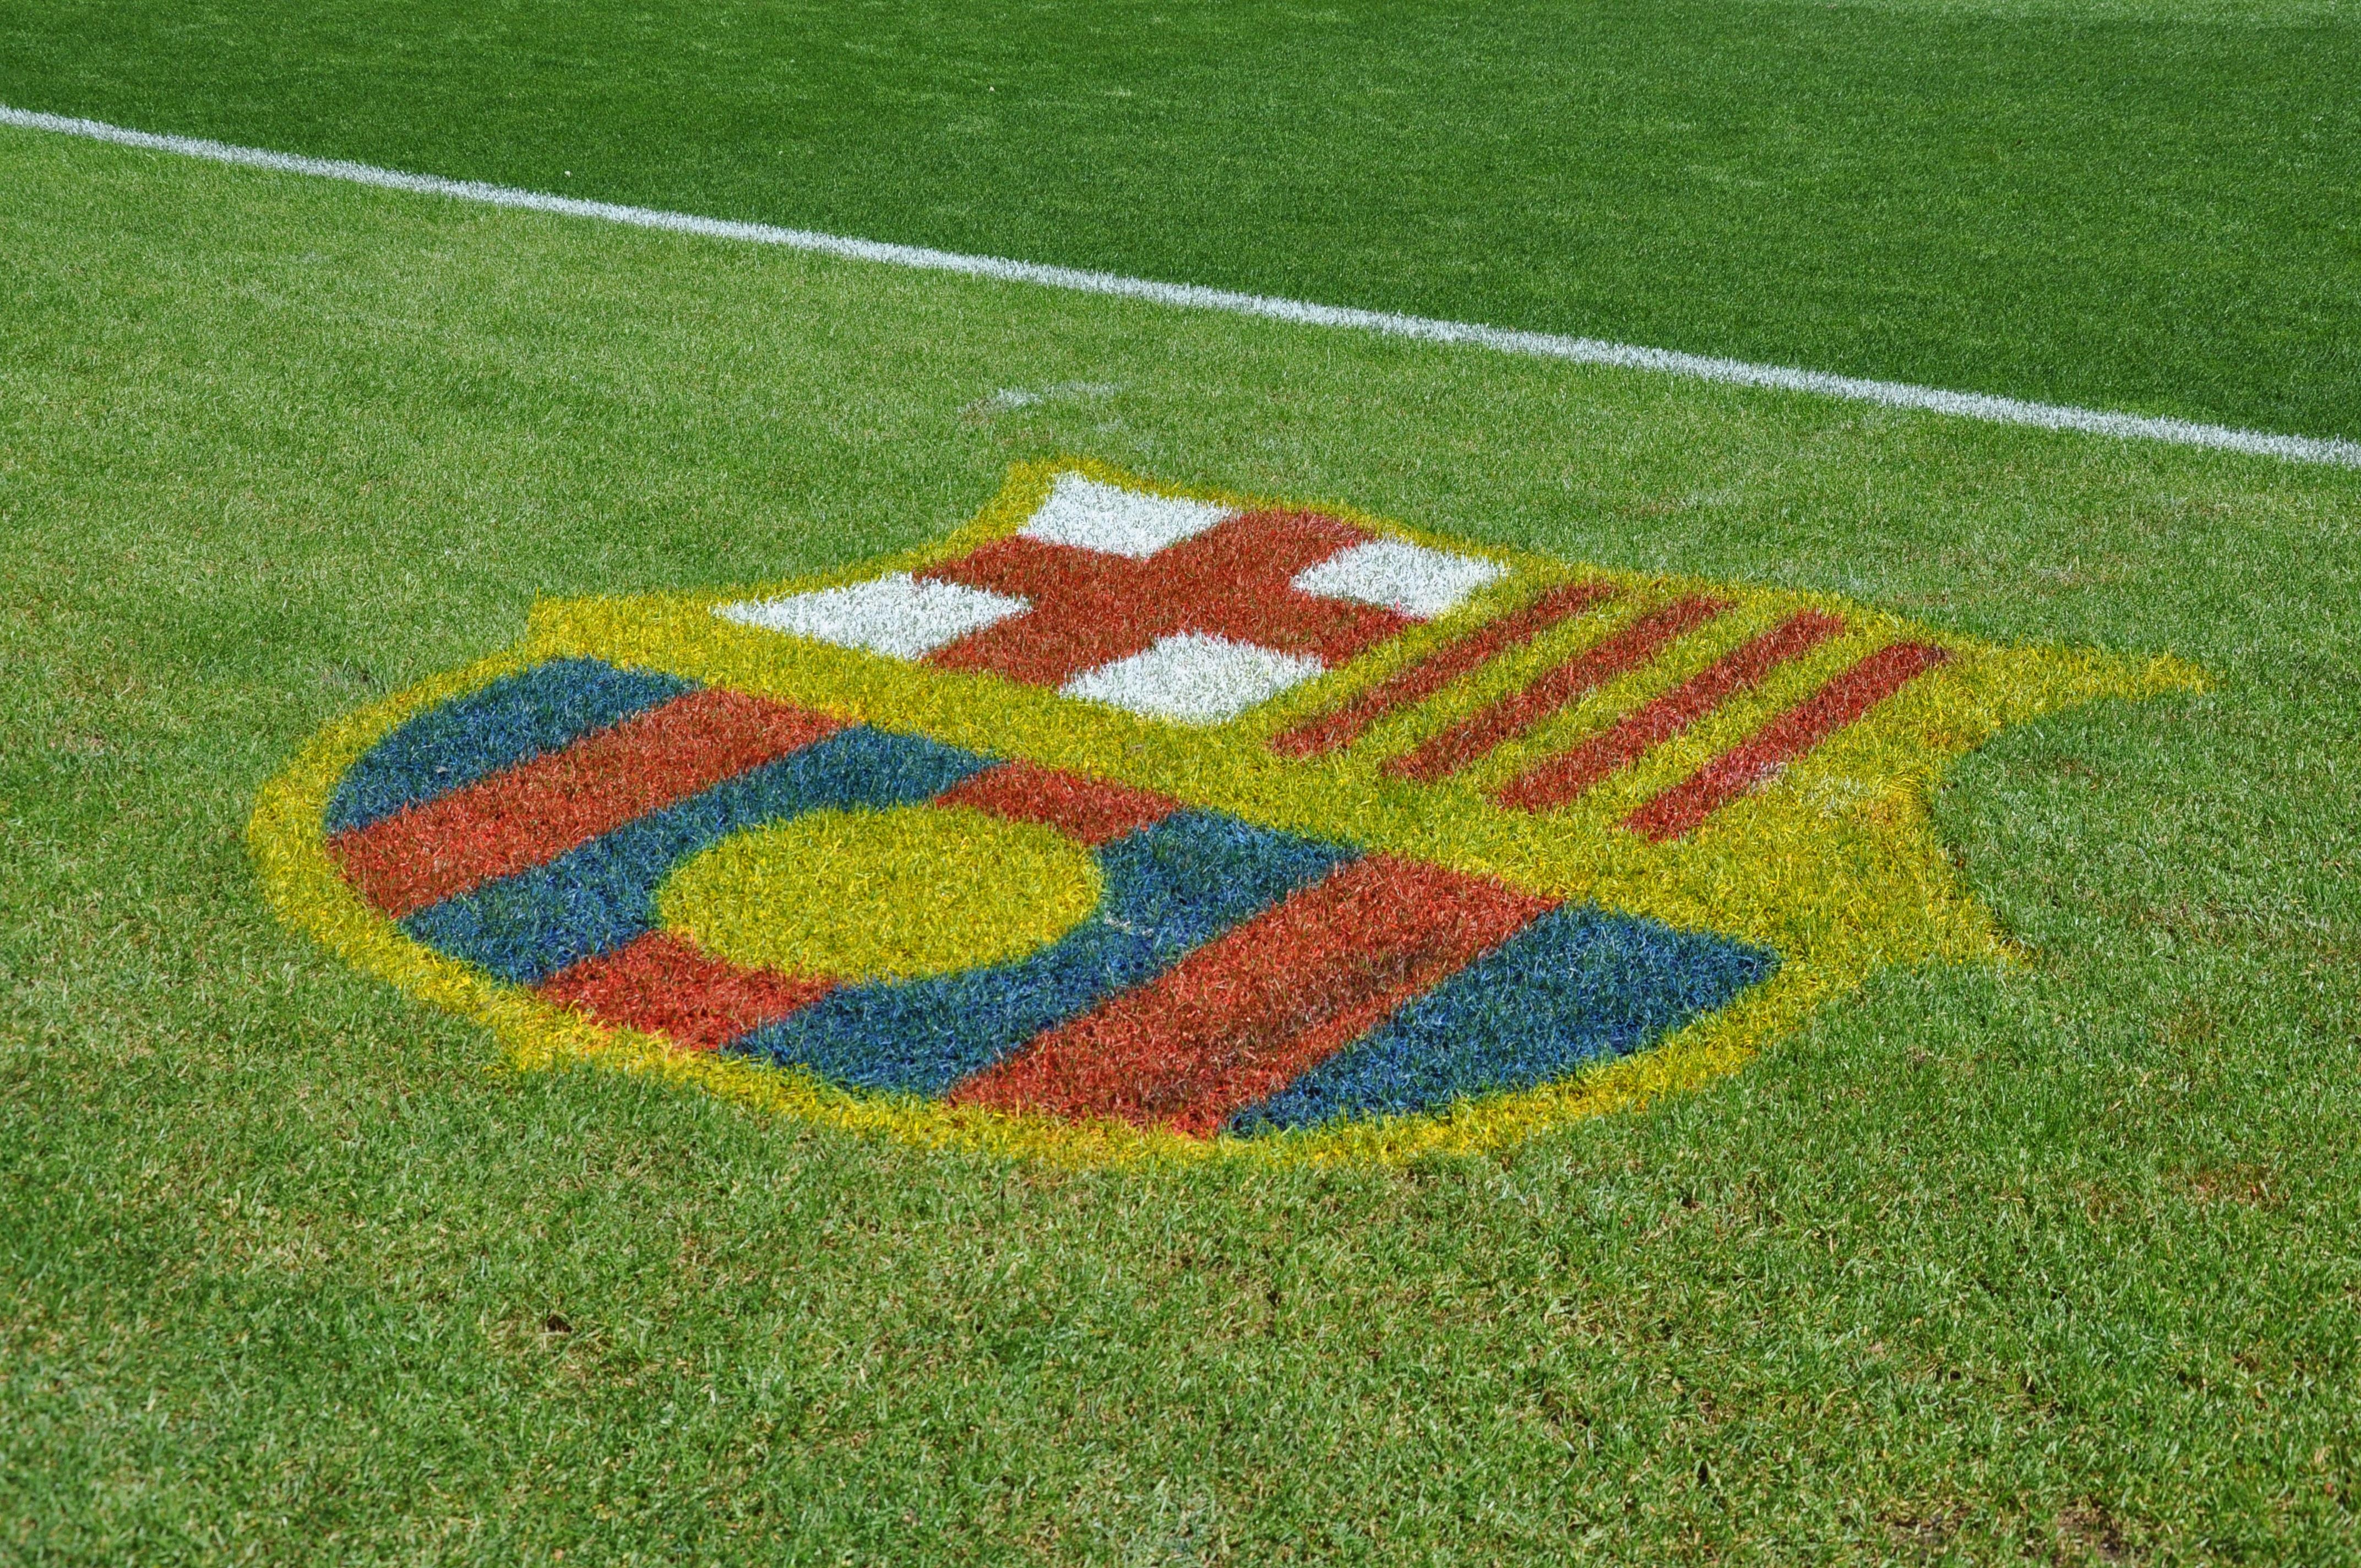 Gambar Bidang Halaman Rumput Garis Sepak Bola Barcelona